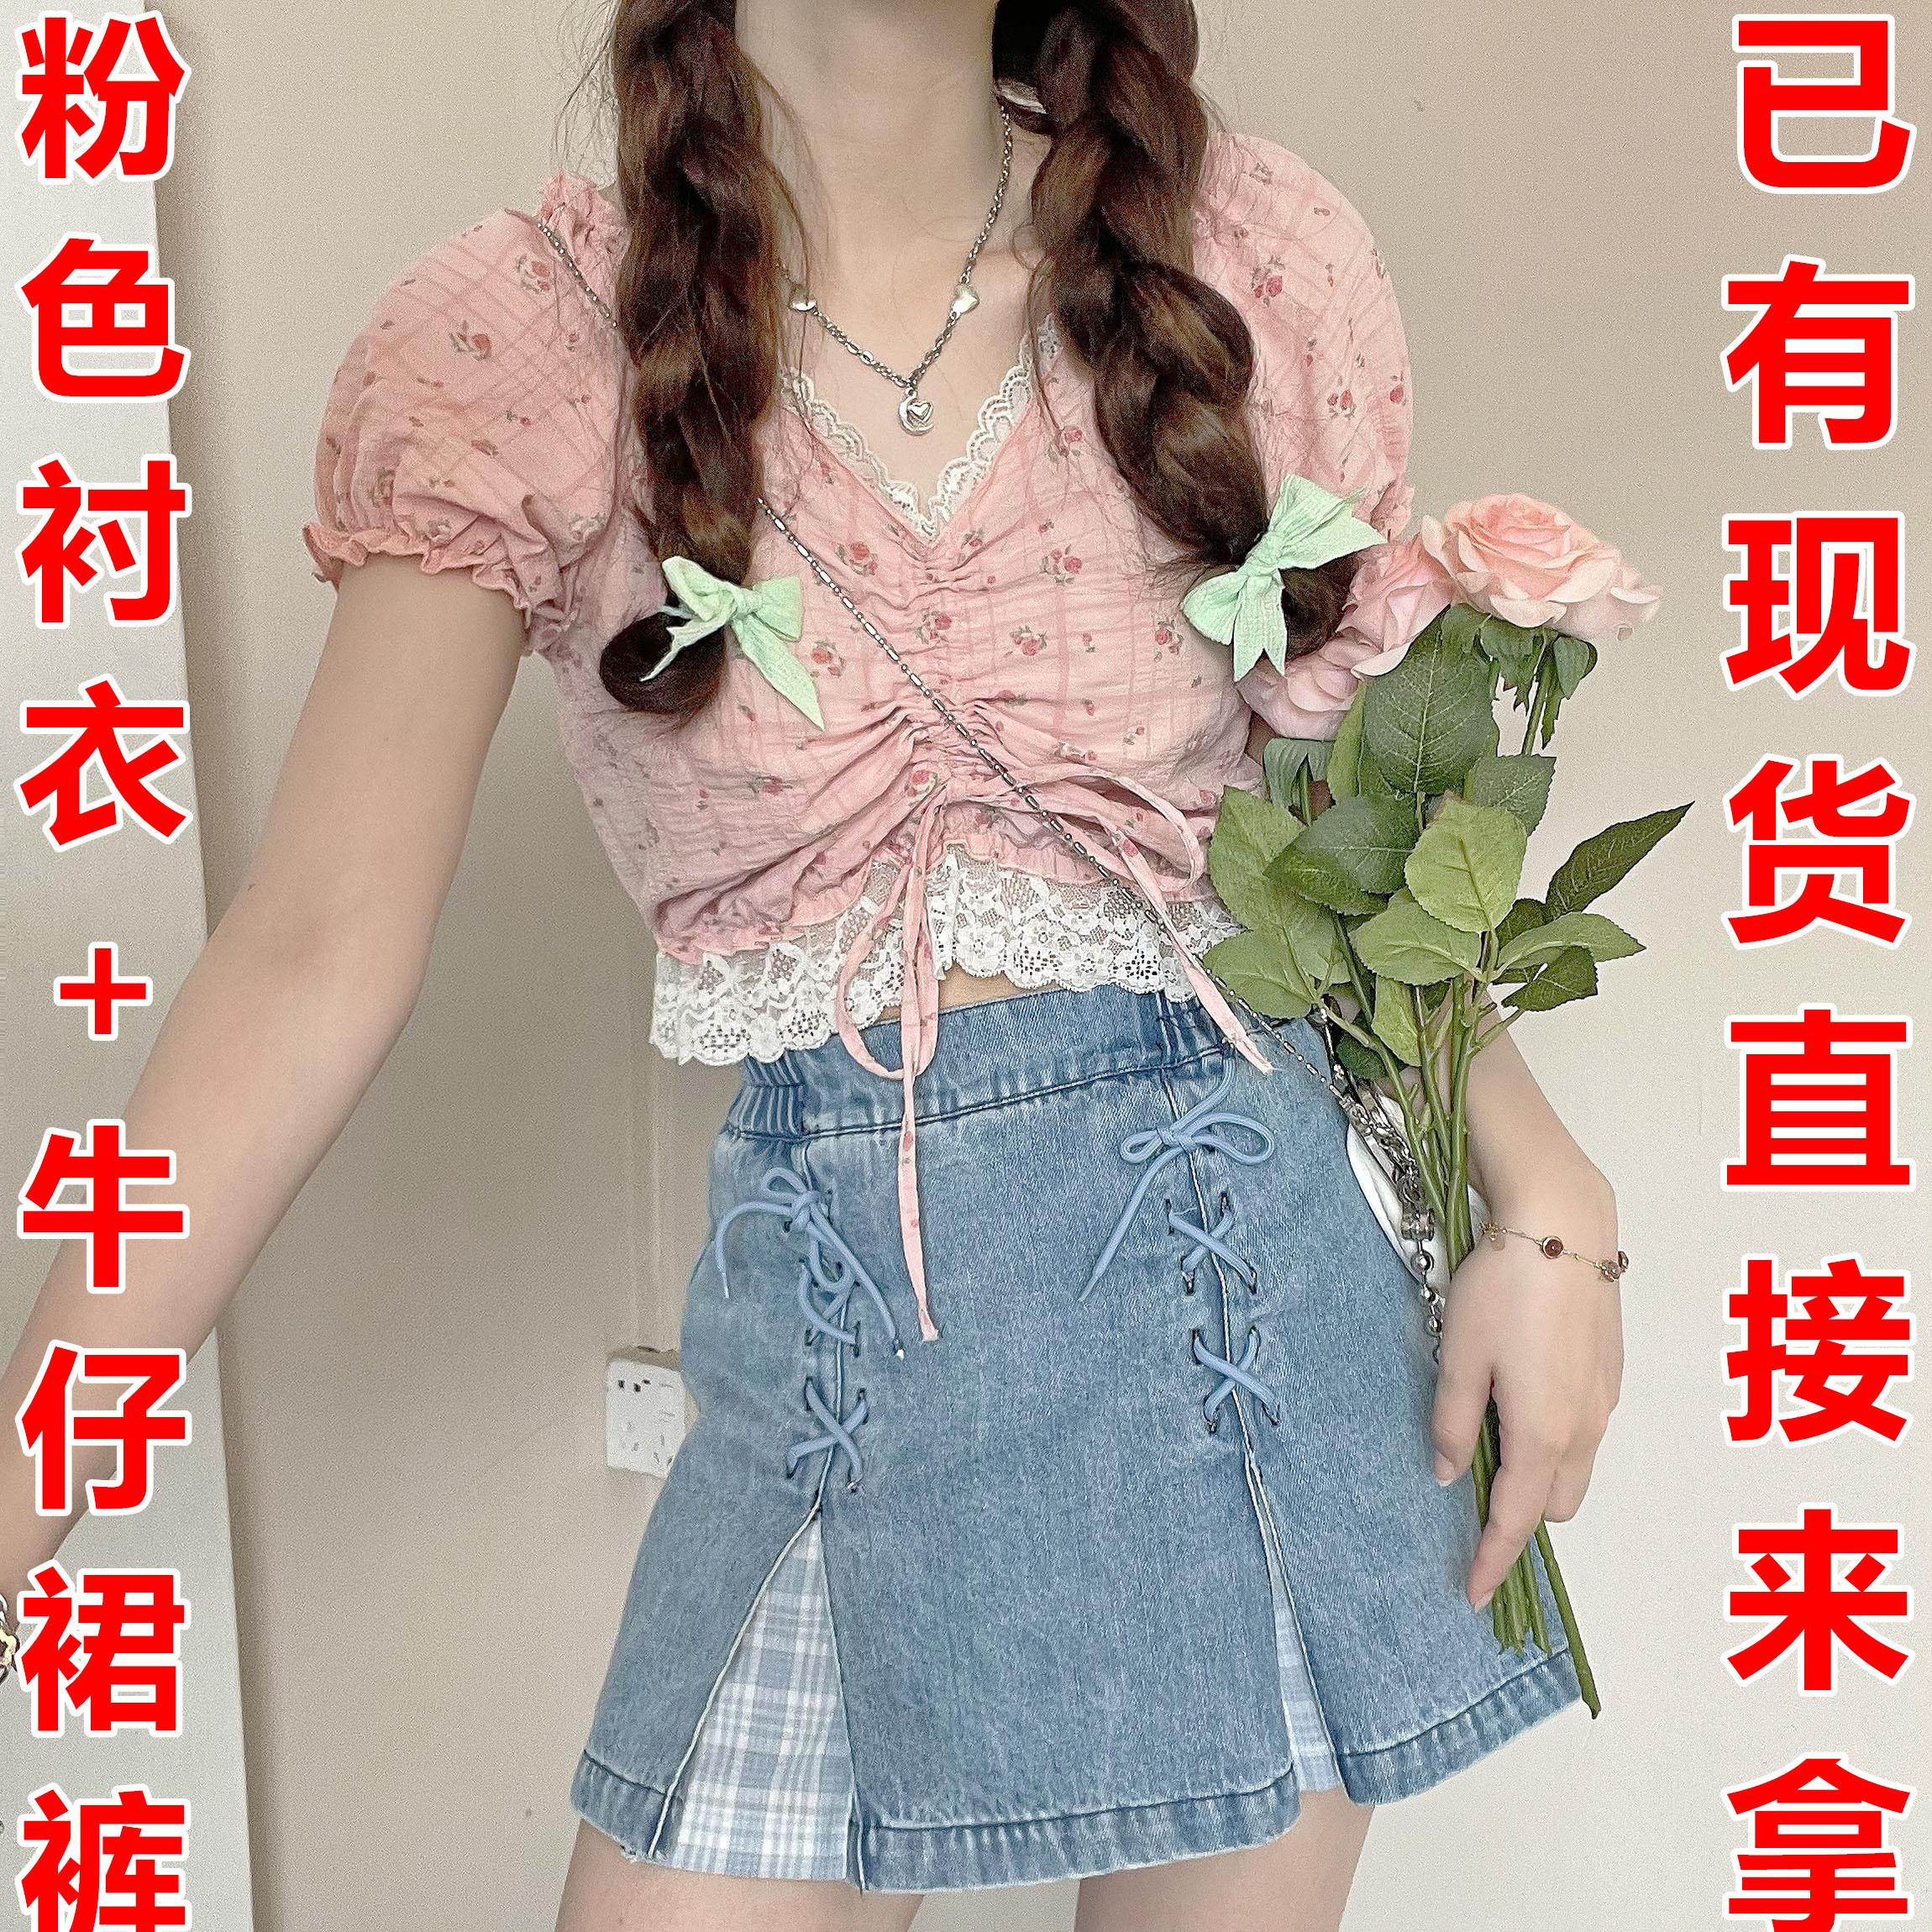 DOLL原創海鹽幻想綁帶格子拼接牛仔短半身裙修身顯瘦褲裙女夏